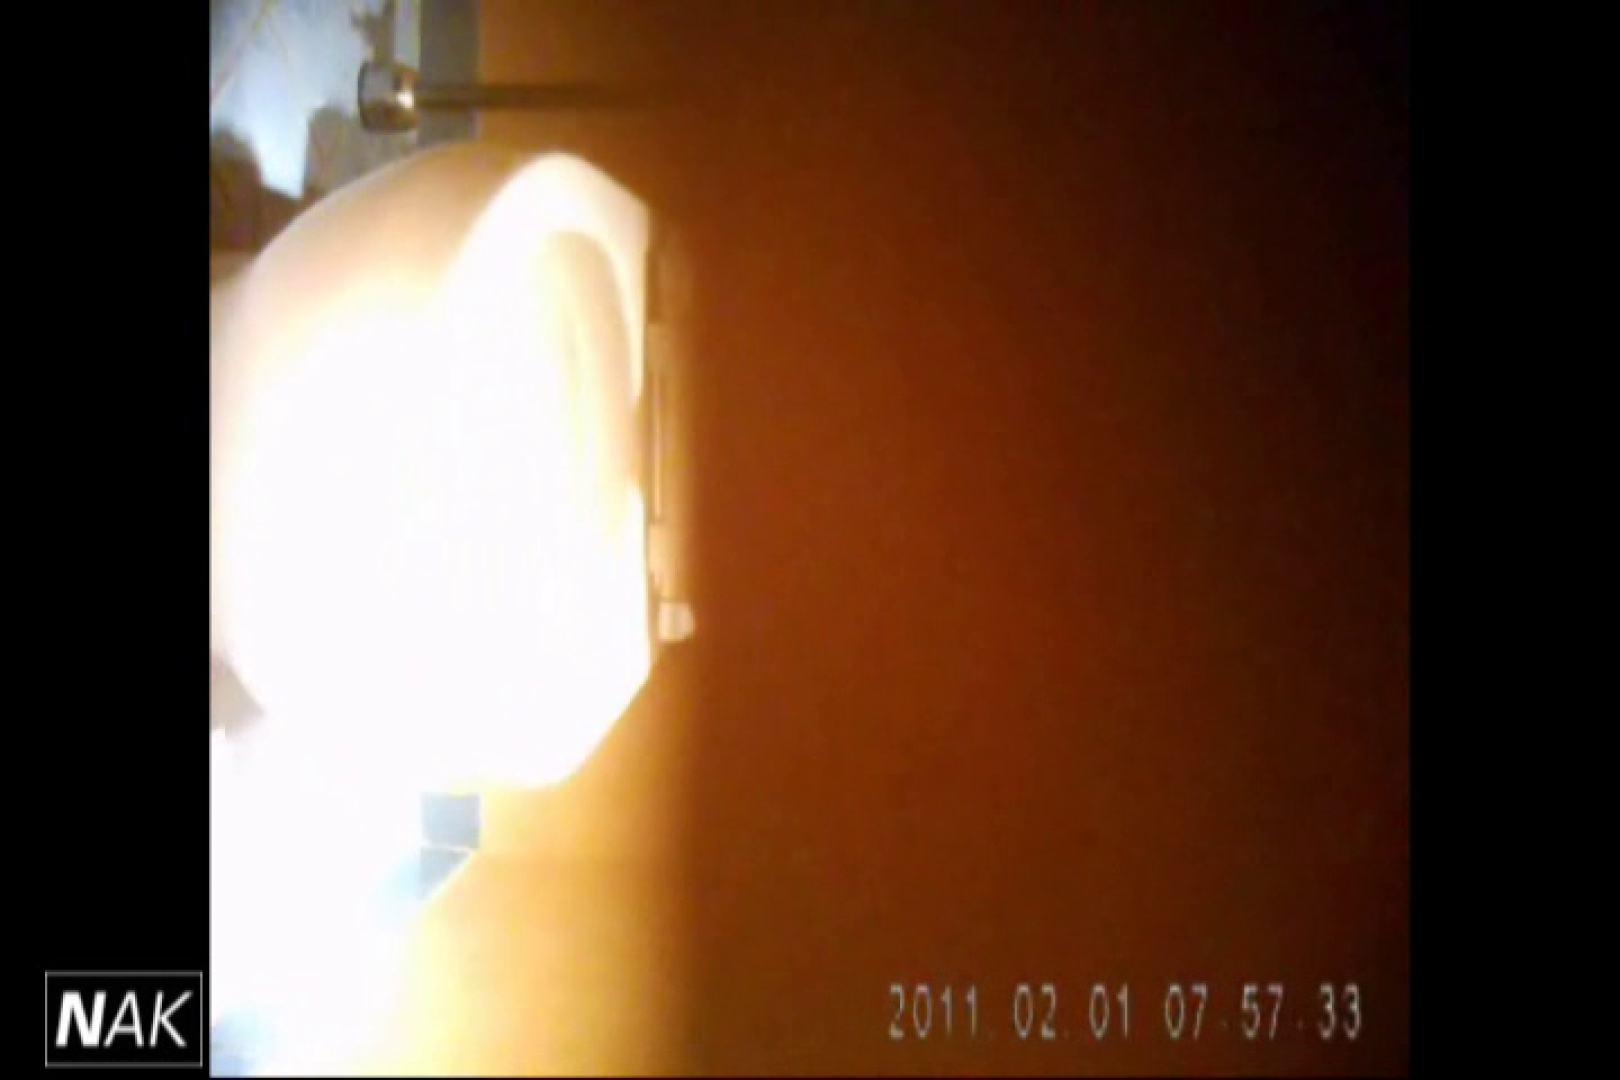 せん八さんの厠観察日記!2点監視カメラ 高画質5000K vol.01 女子の厠 オメコ動画キャプチャ 113pic 82